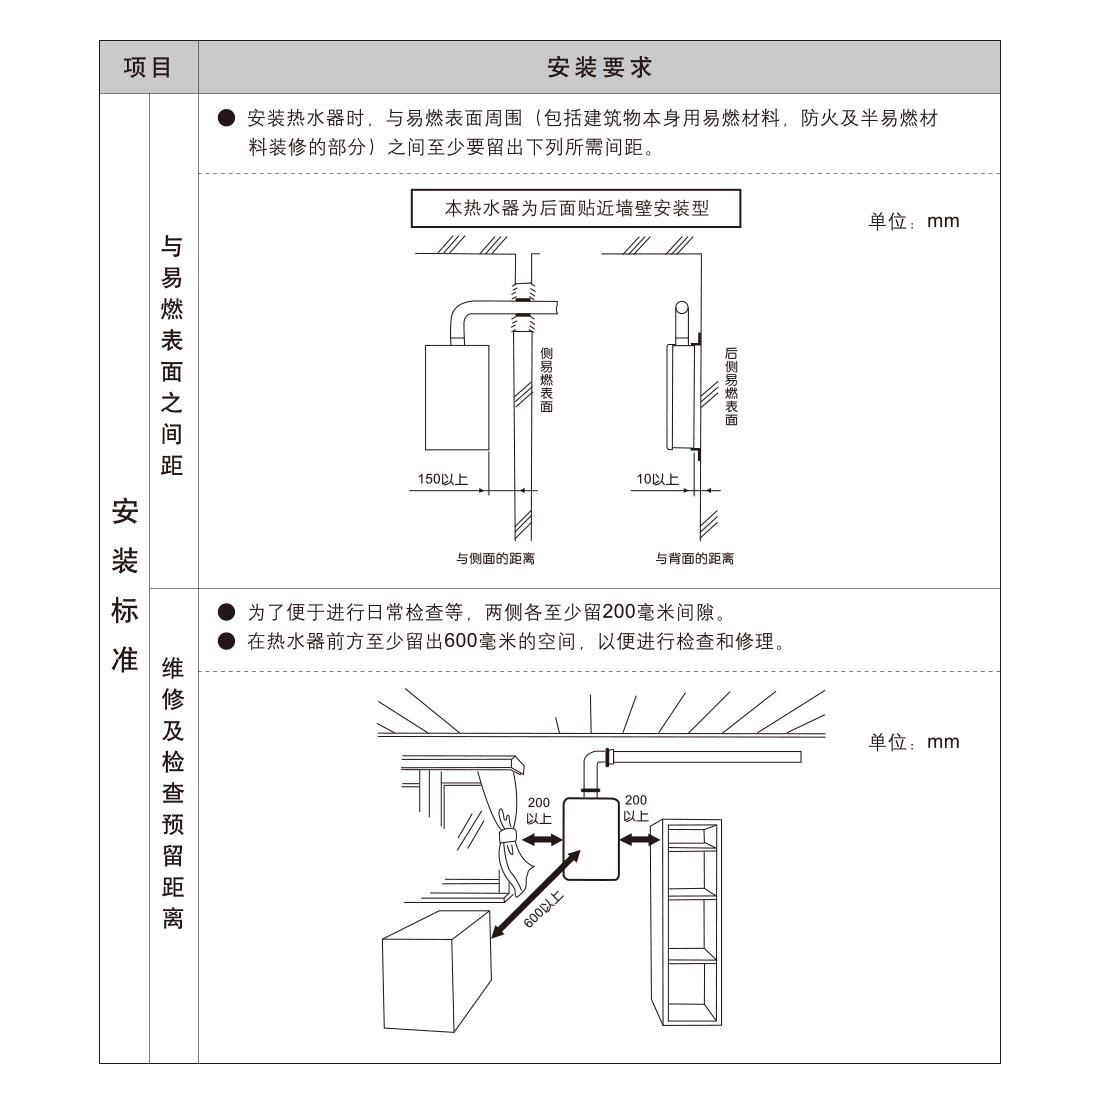 方太JSG21-1502安装示意图